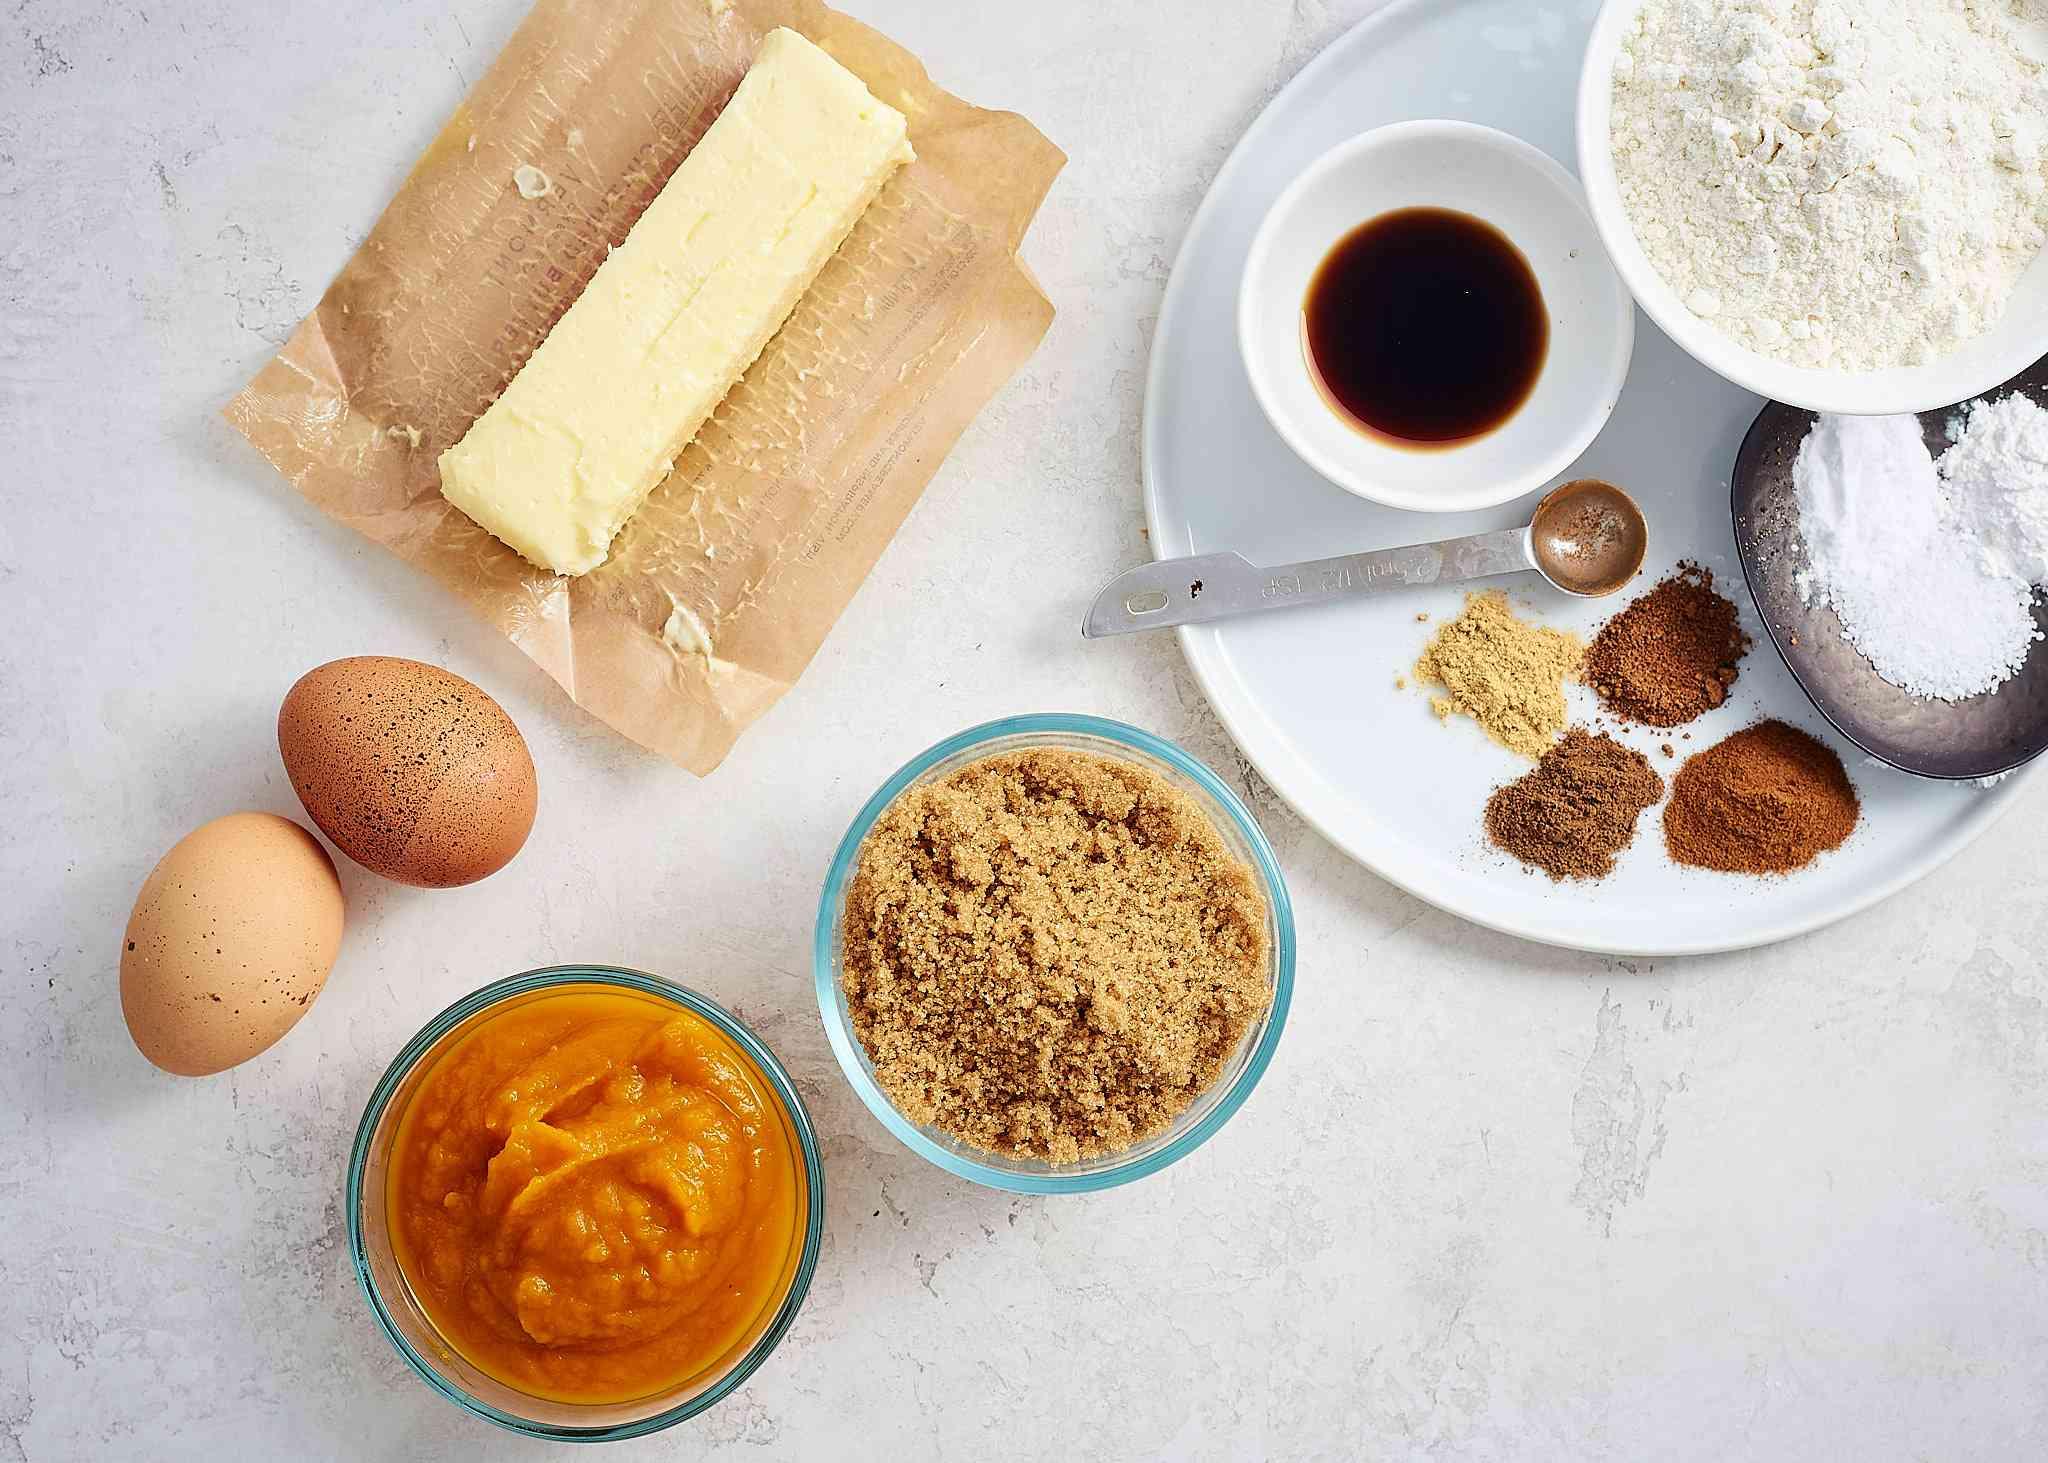 Pumpkin Cream Cheese Swirl Brownies ingredients